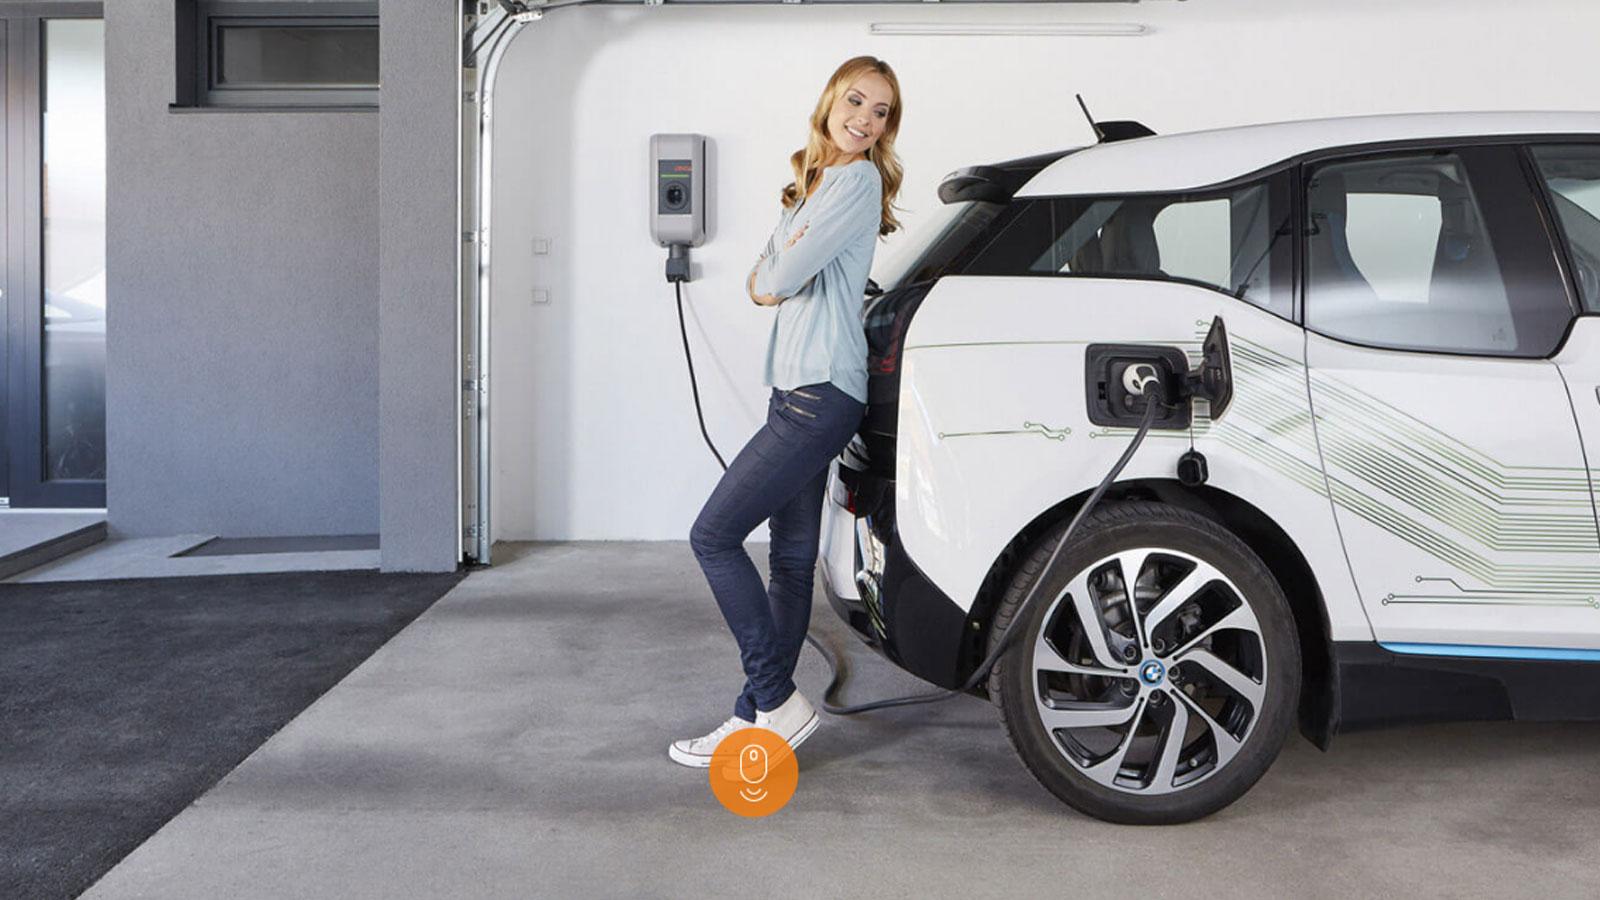 Η Big Solar και στη νέα εποχή της Ηλεκτροκίνησης. Με φορτιστές ηλεκτρικών αυτοκινήτων EV Chargers.